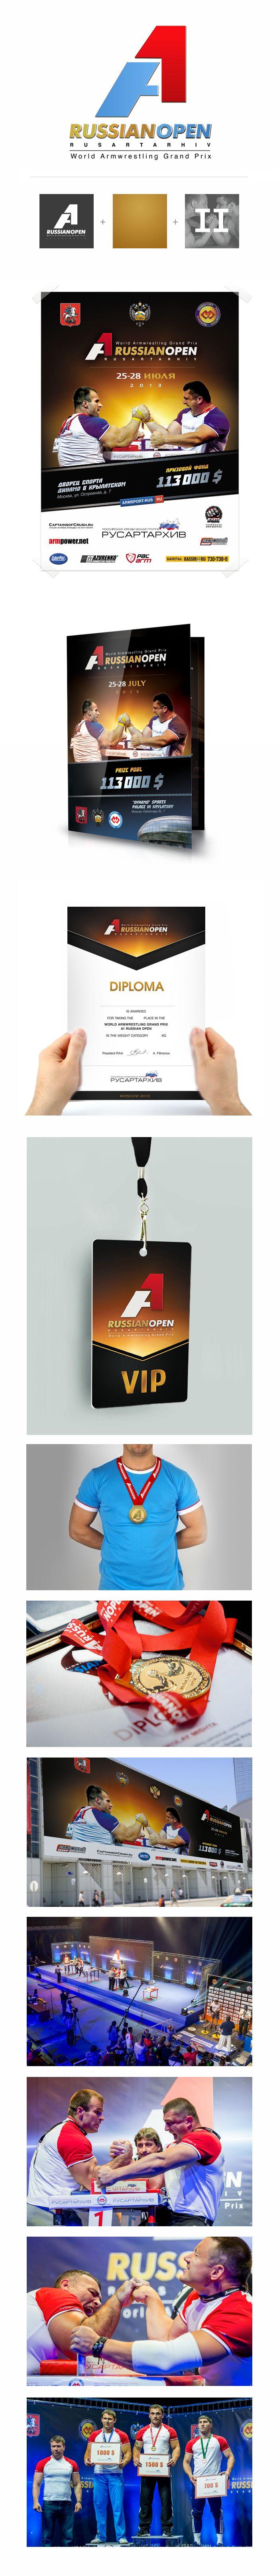 A1 Russian Open 2013 identity